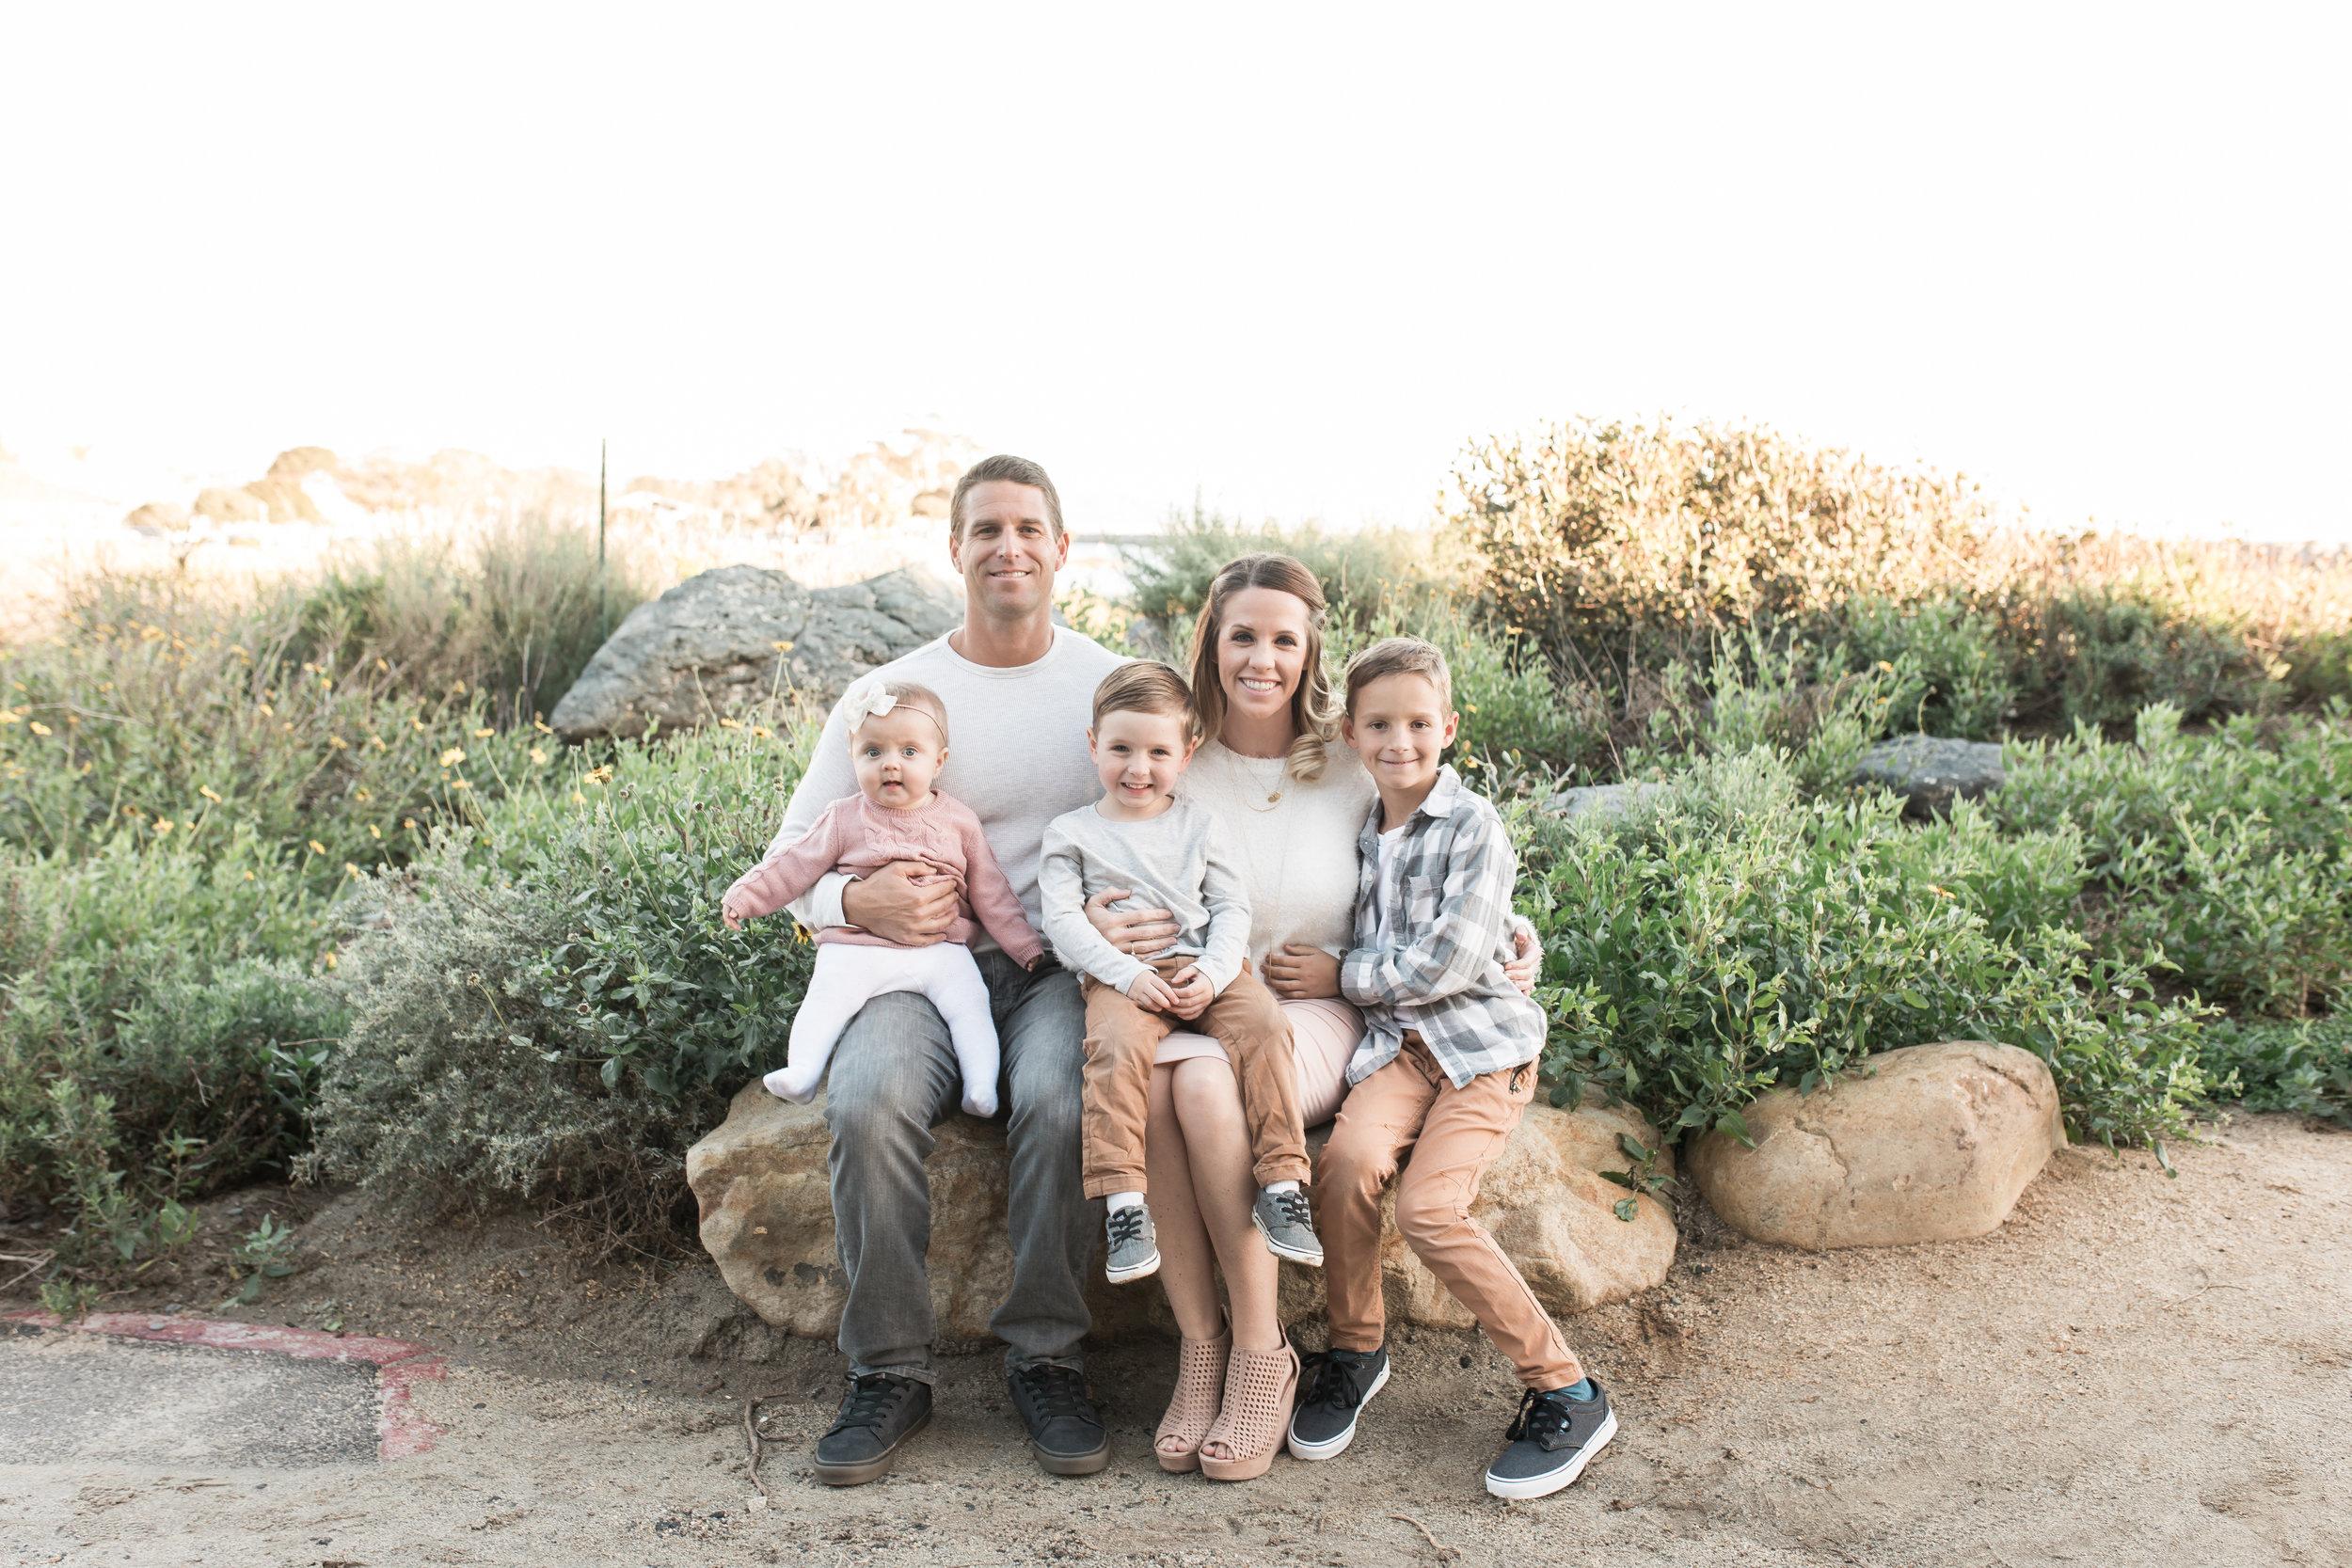 Dana Point Photography family photos at the harbor